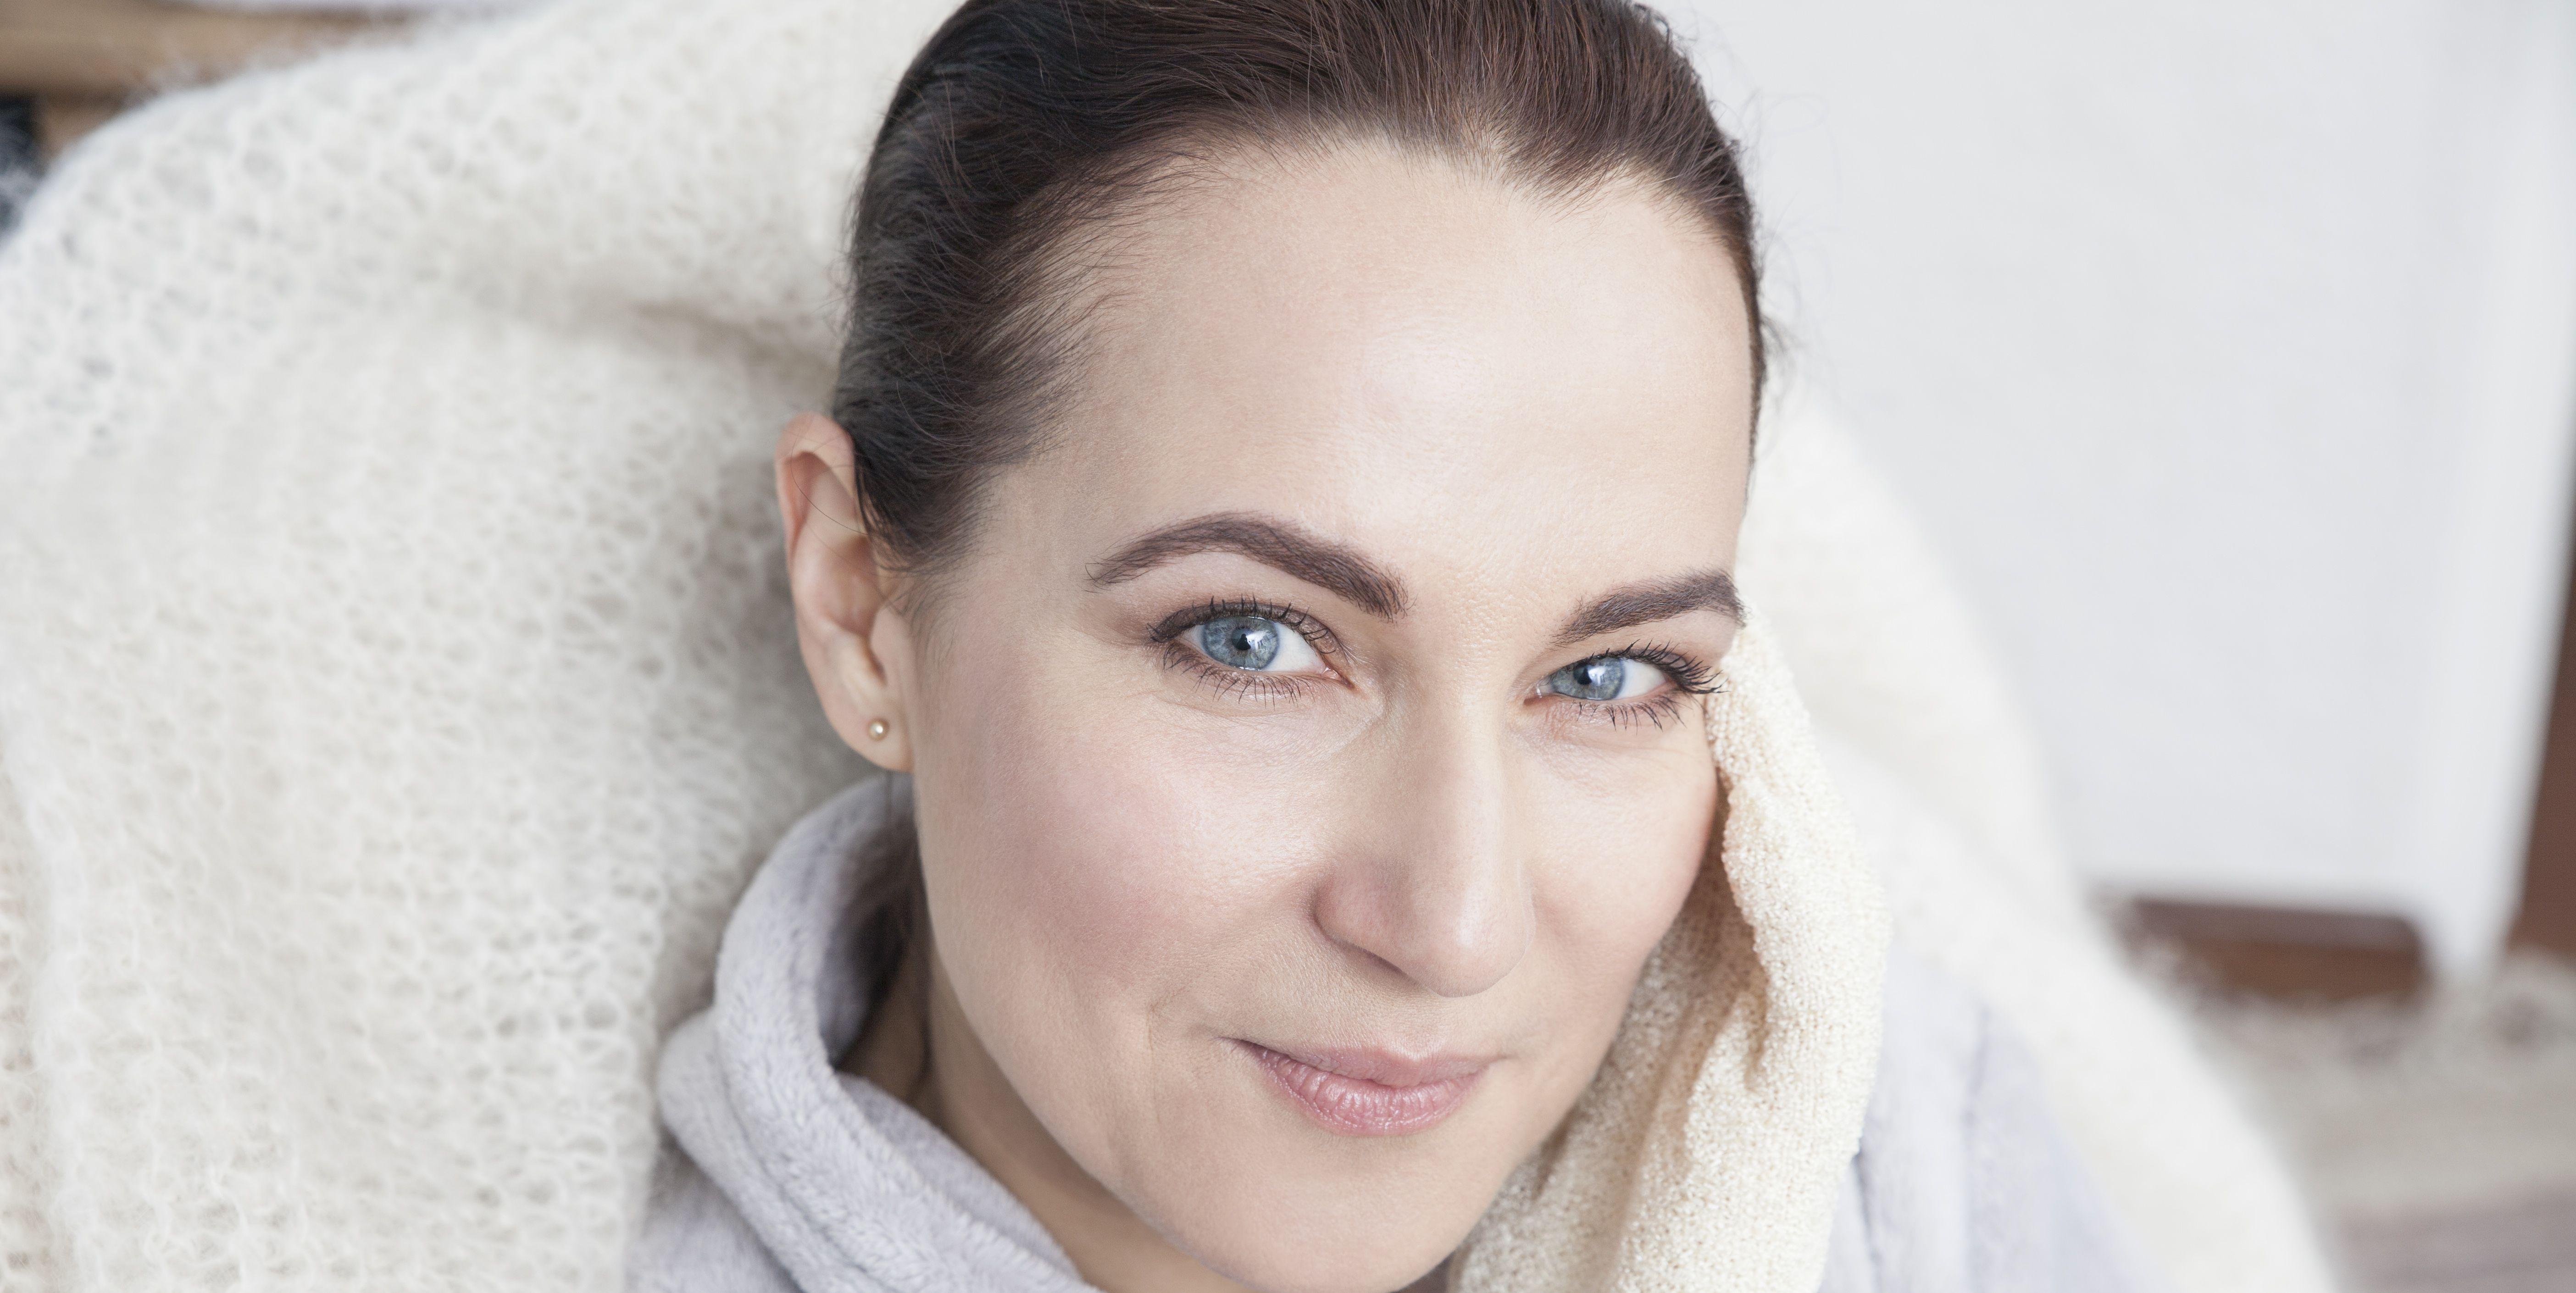 Adiós a la flacidez: consejos para una piel firme